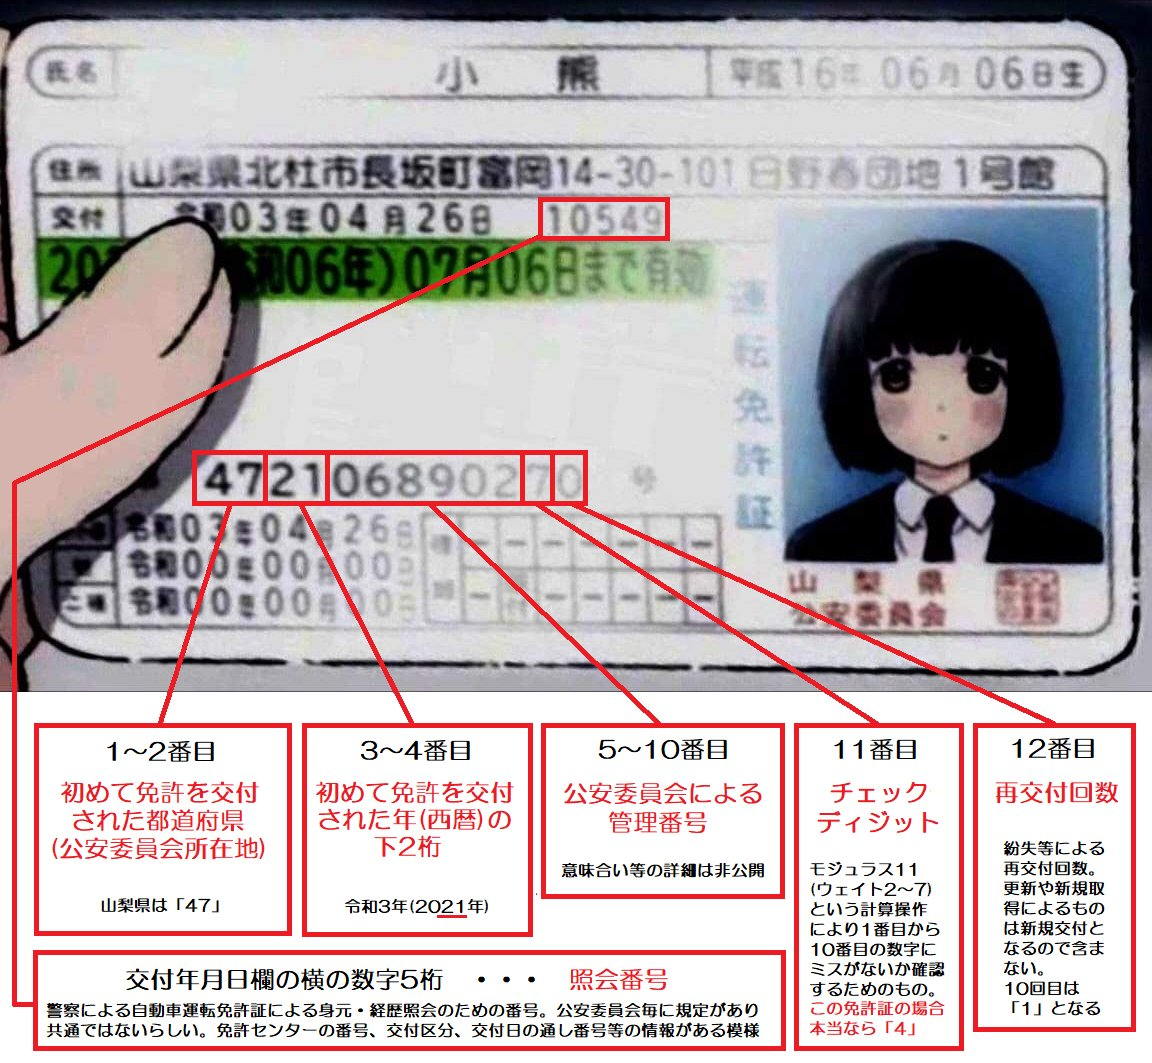 免許証に記載されている12桁の免許証番号には?それぞれ意味がある!